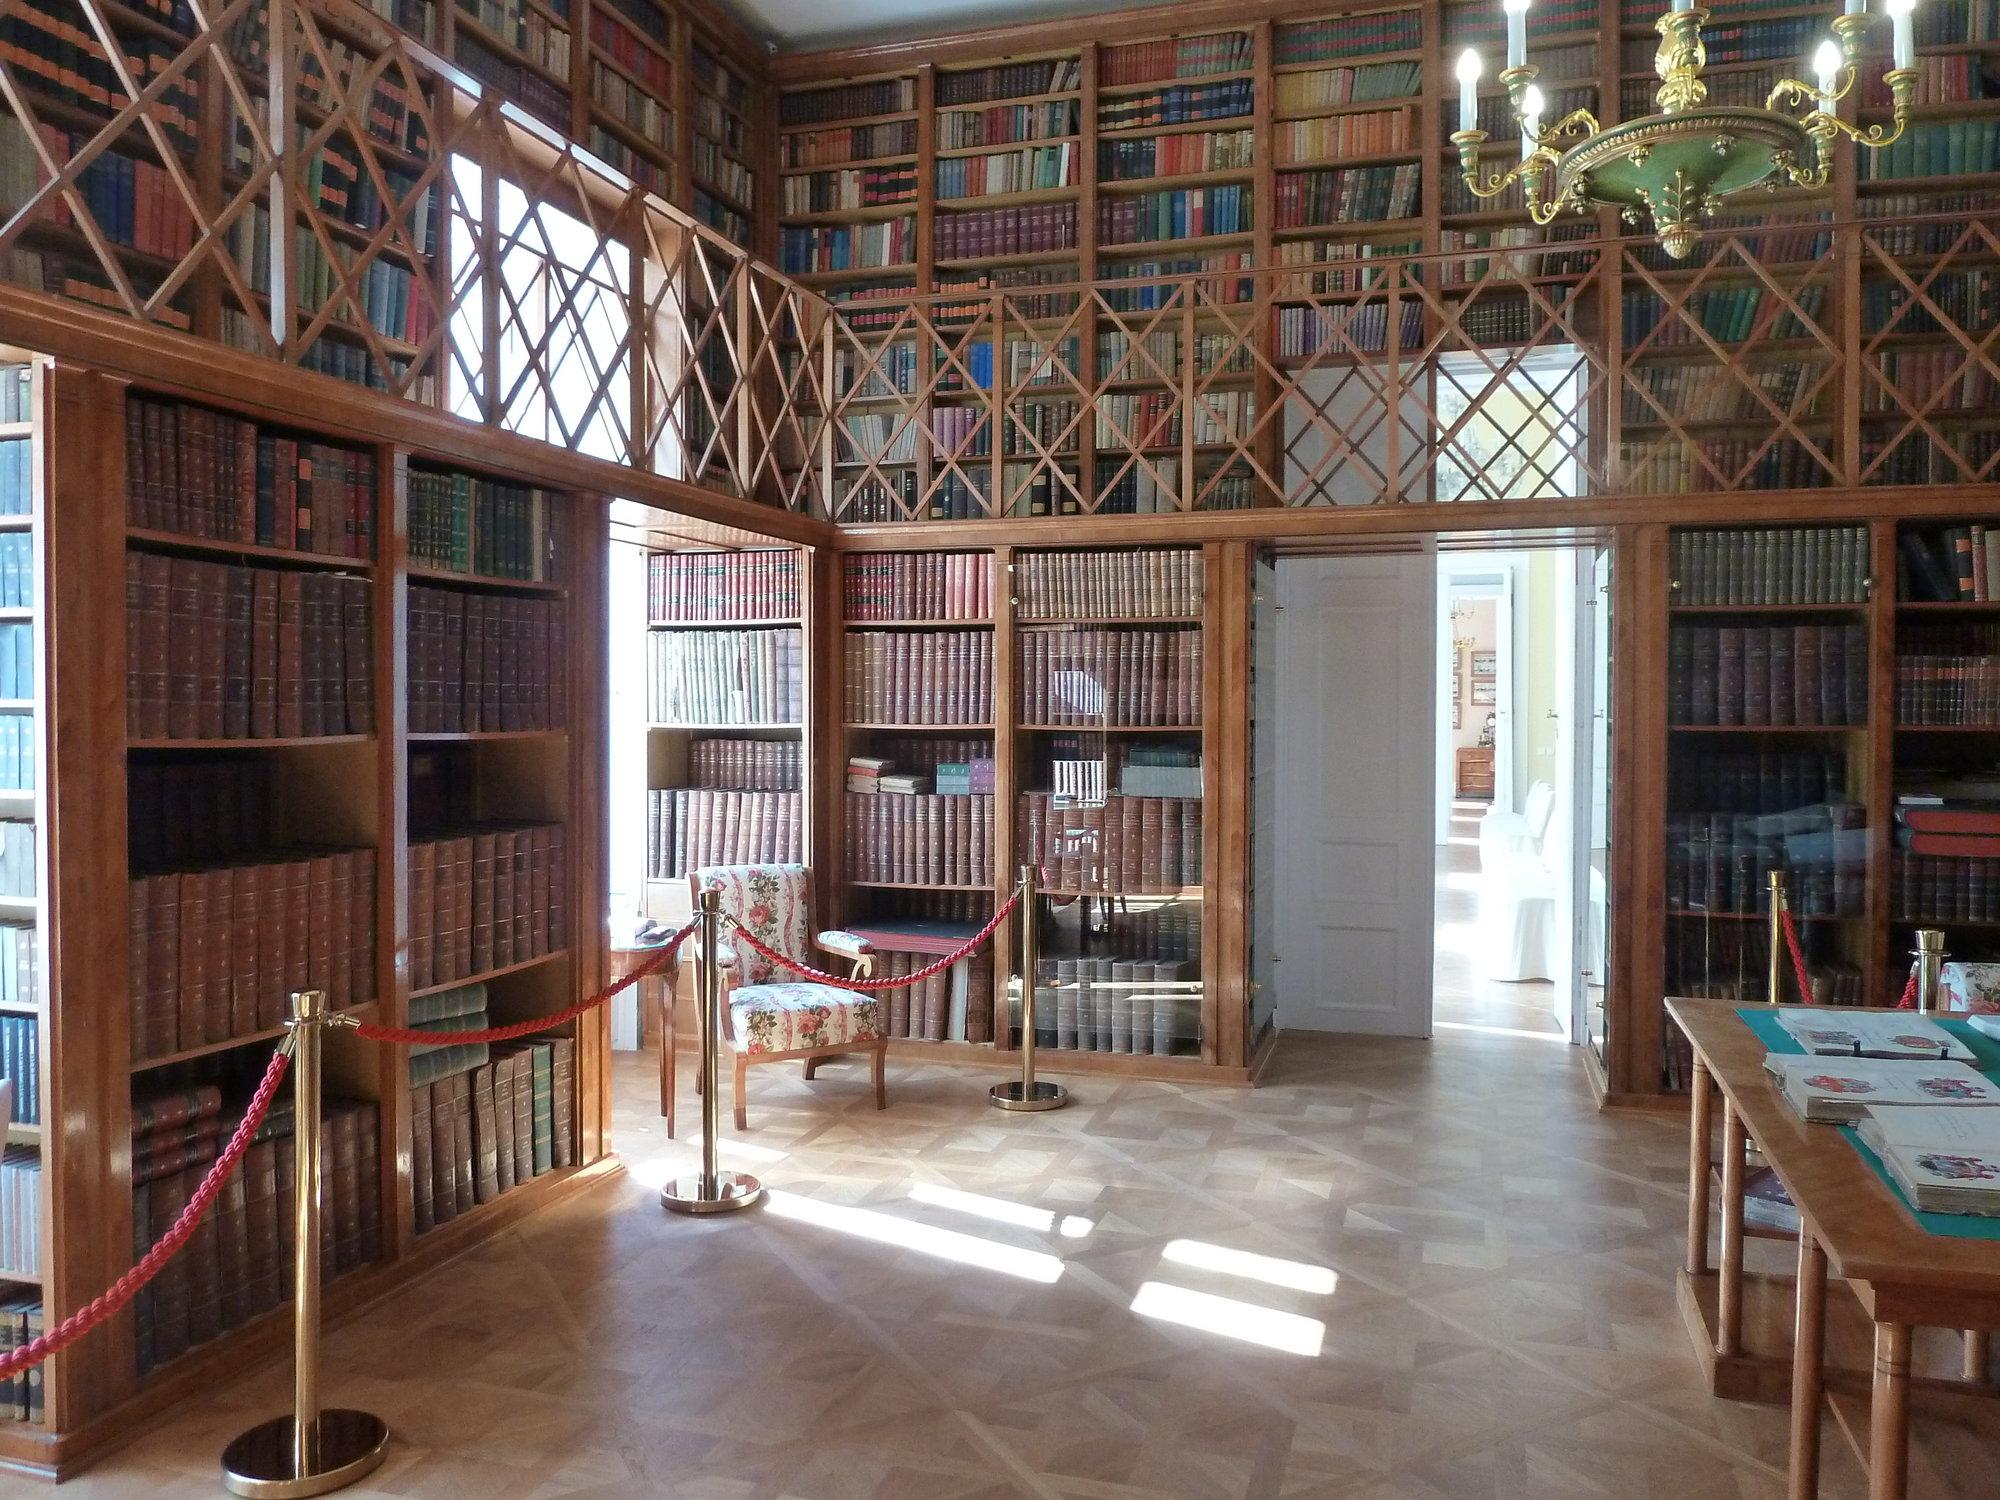 Kostelec nad Orlicí, Nový zámek – library